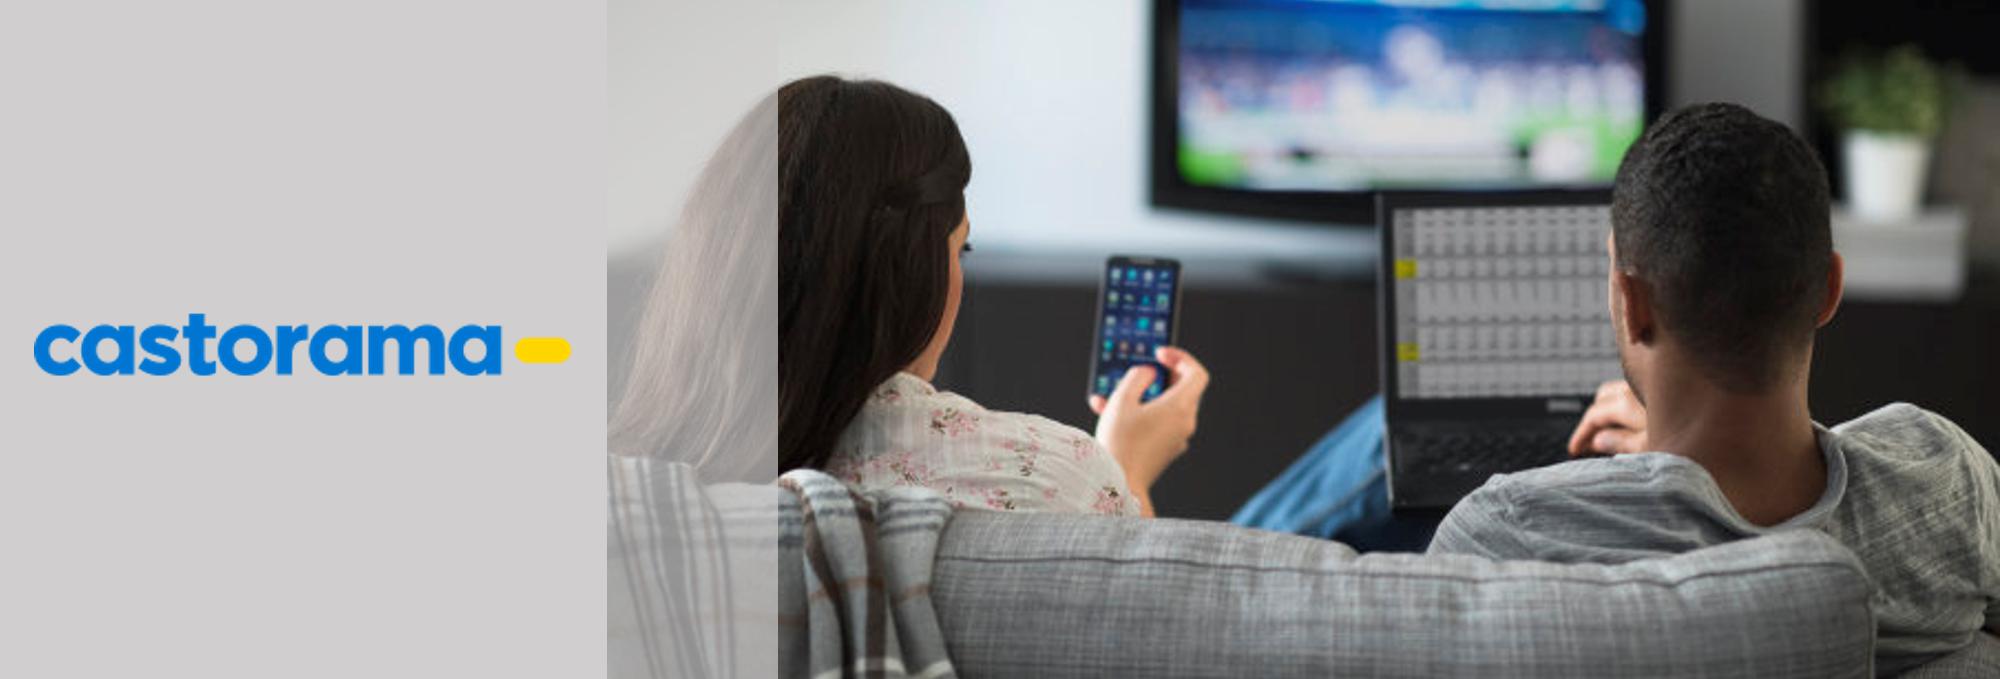 Synergie SEA TV - Etude de cas Castorama